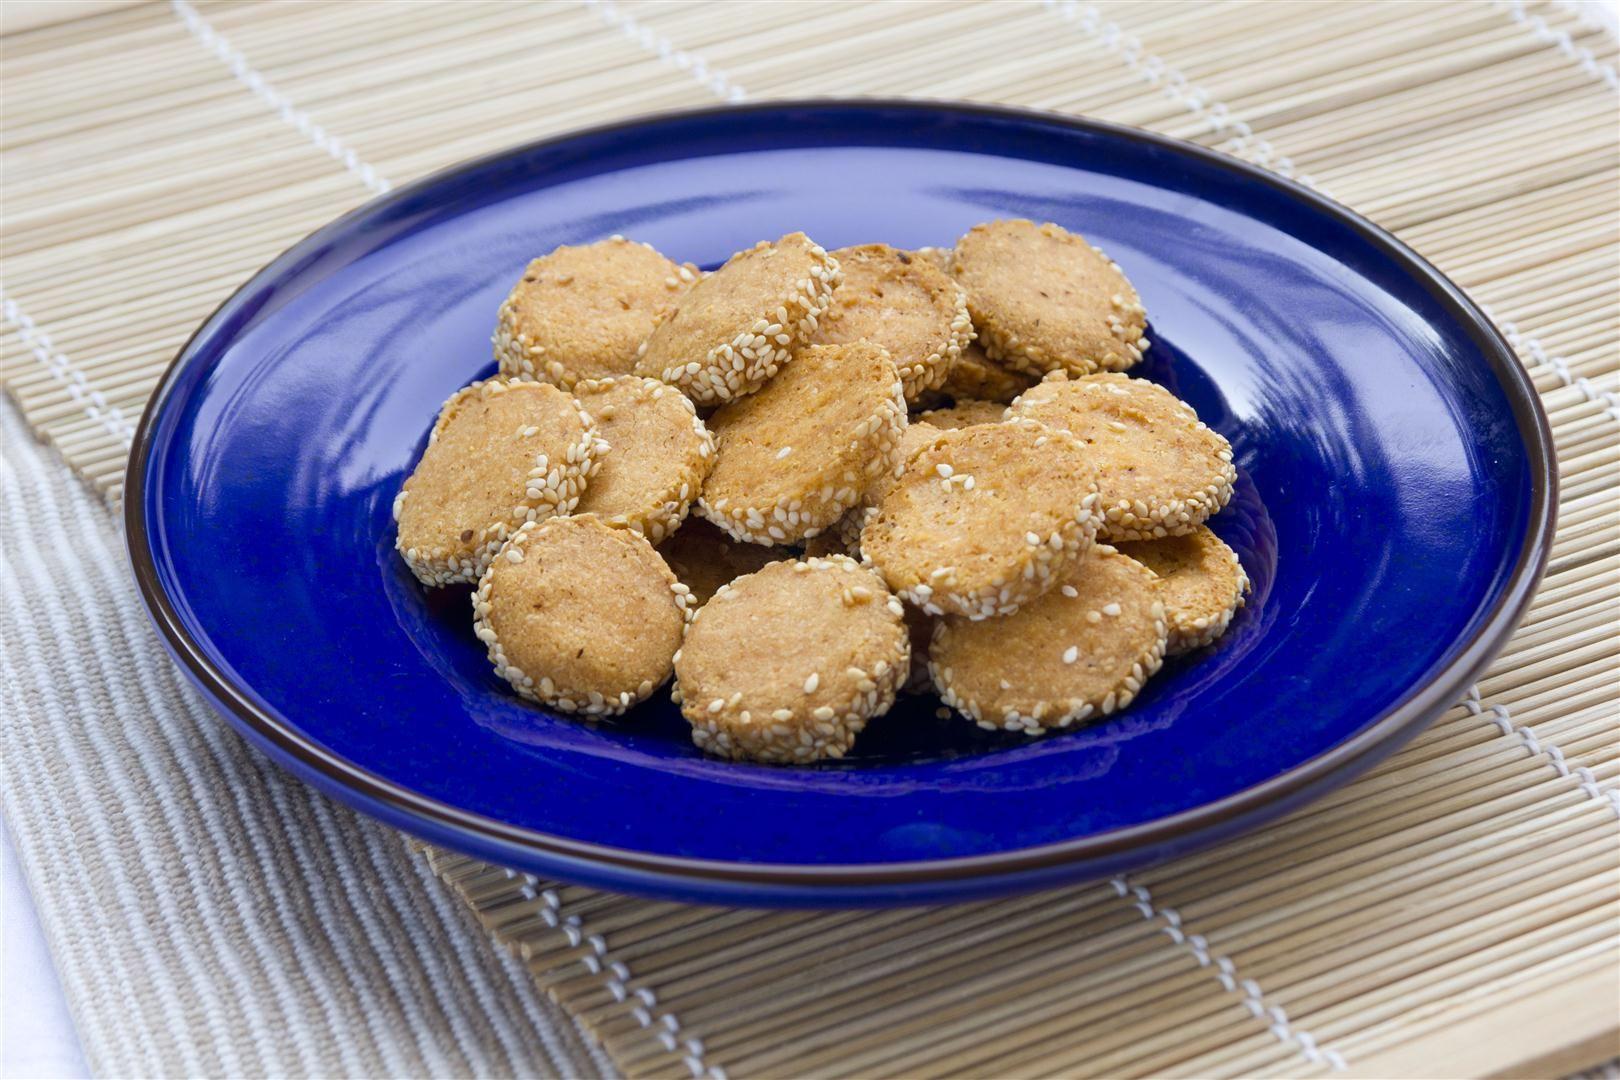 עוגיות גבינה מלוחות עם פפריקה וצ'ילי | צילום: נטלי לוין